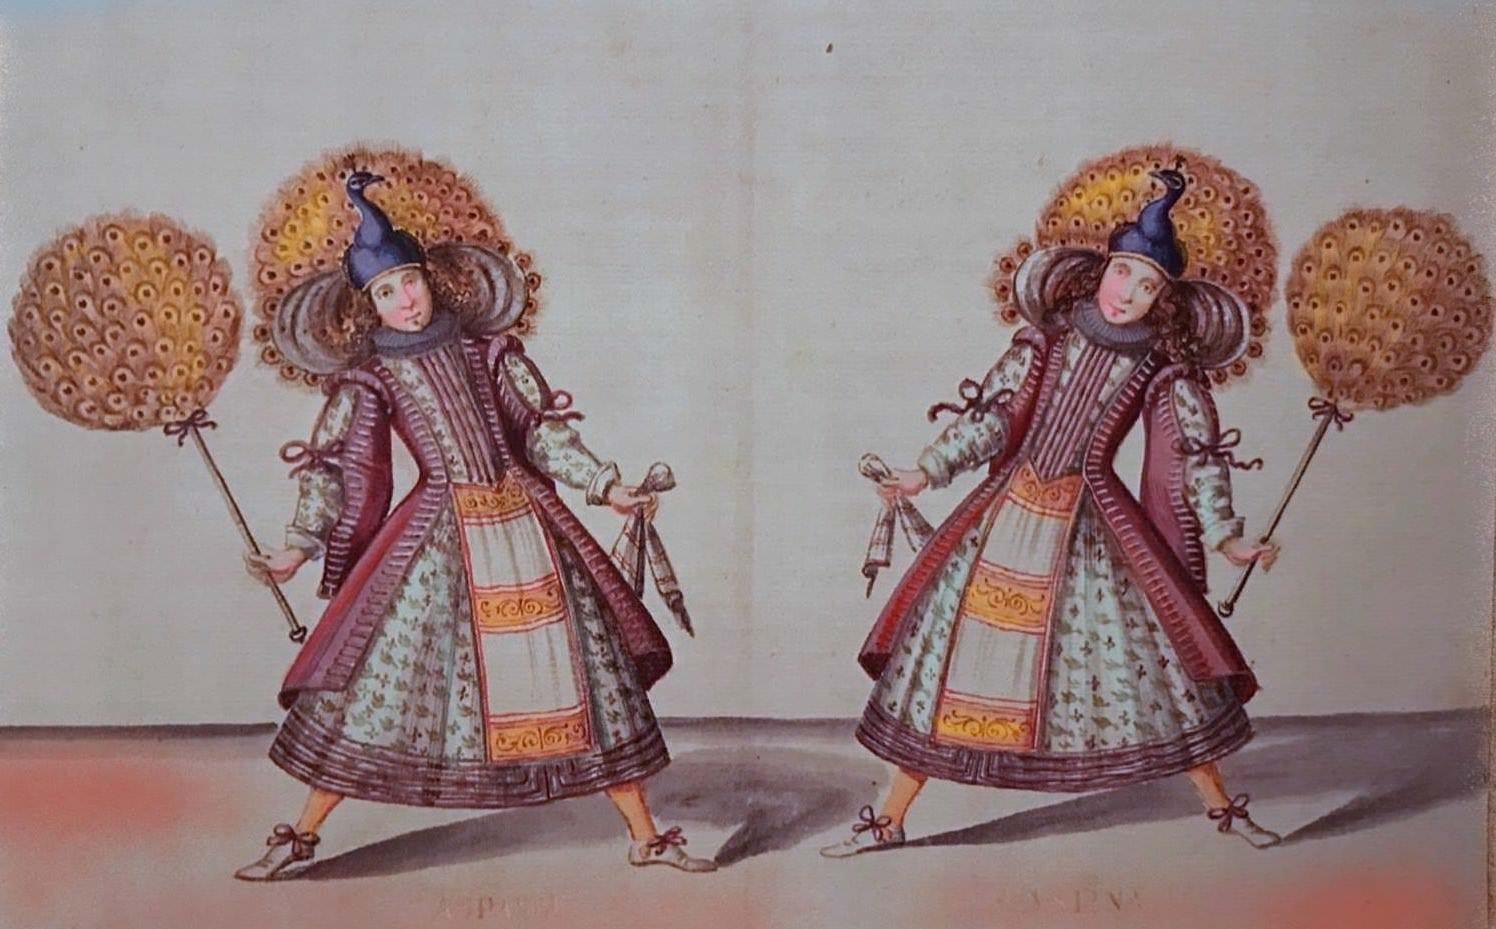 La stanchezza che crea creatività: vi sono due attori vestiti in tunica colorata e con un palloncino in mano che provano.